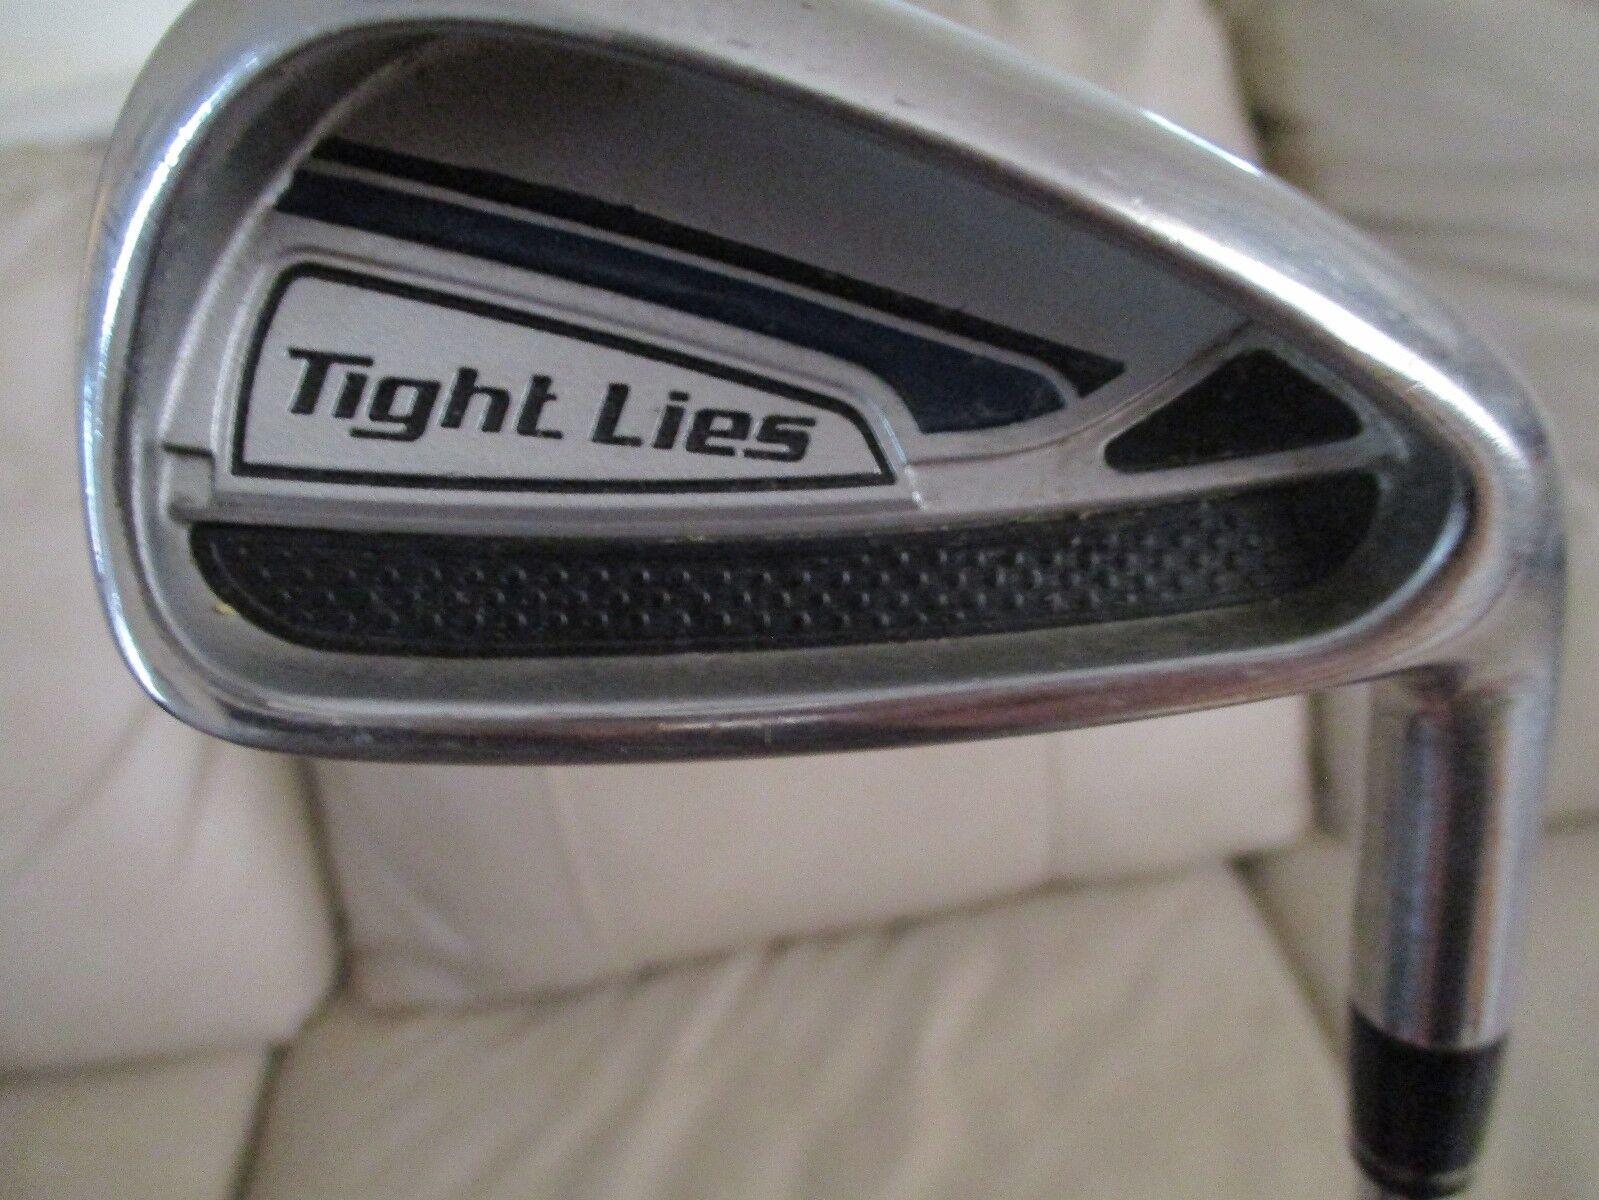 Adams Tight Lies Hierro  Set  en stock